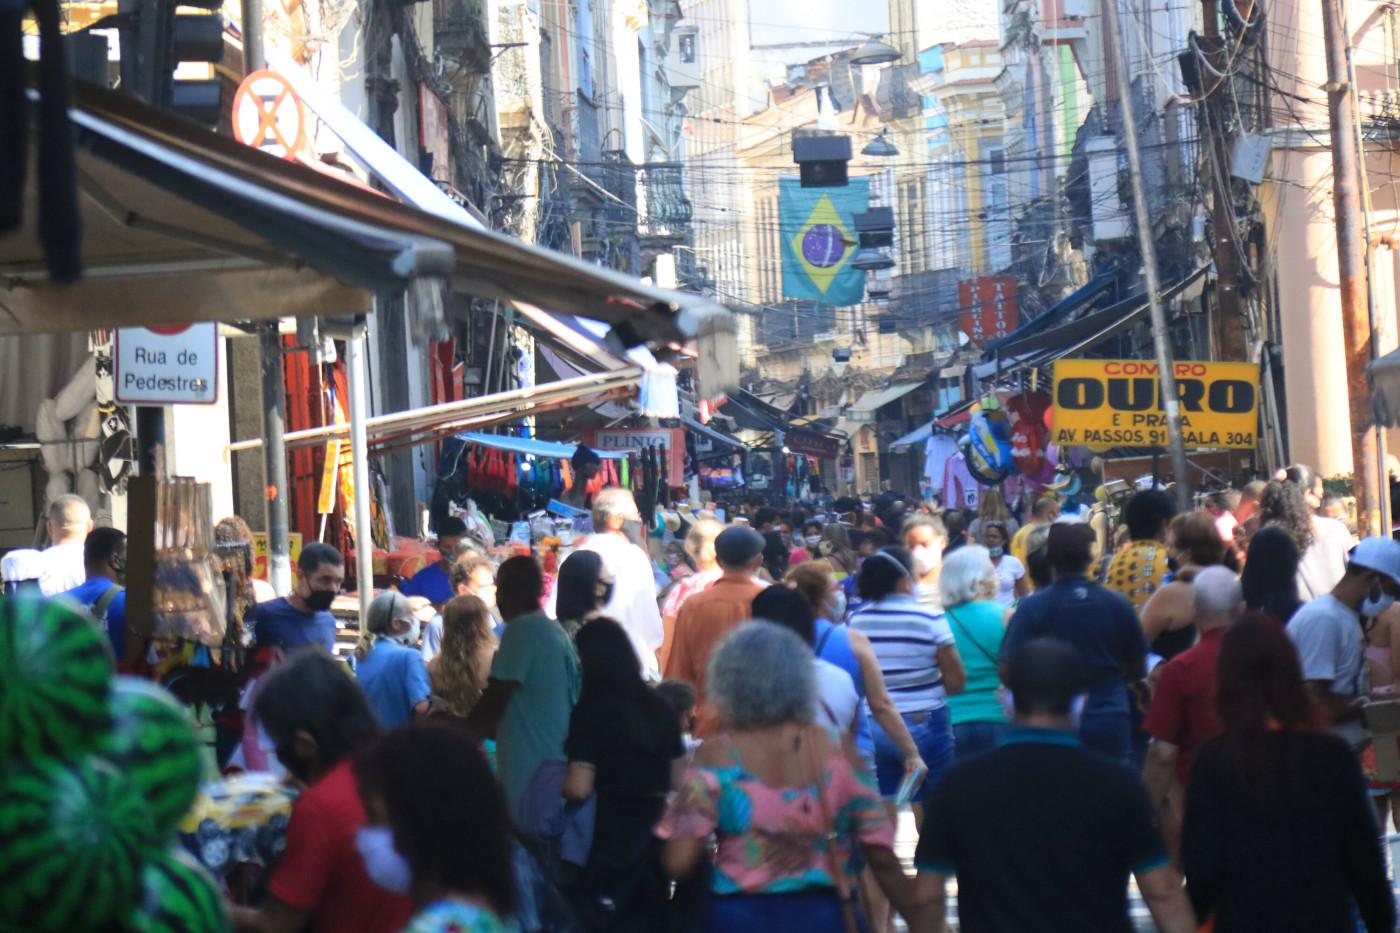 Pessoas caminhando em uma rua cheia com uma bandeira do Brasil atrás